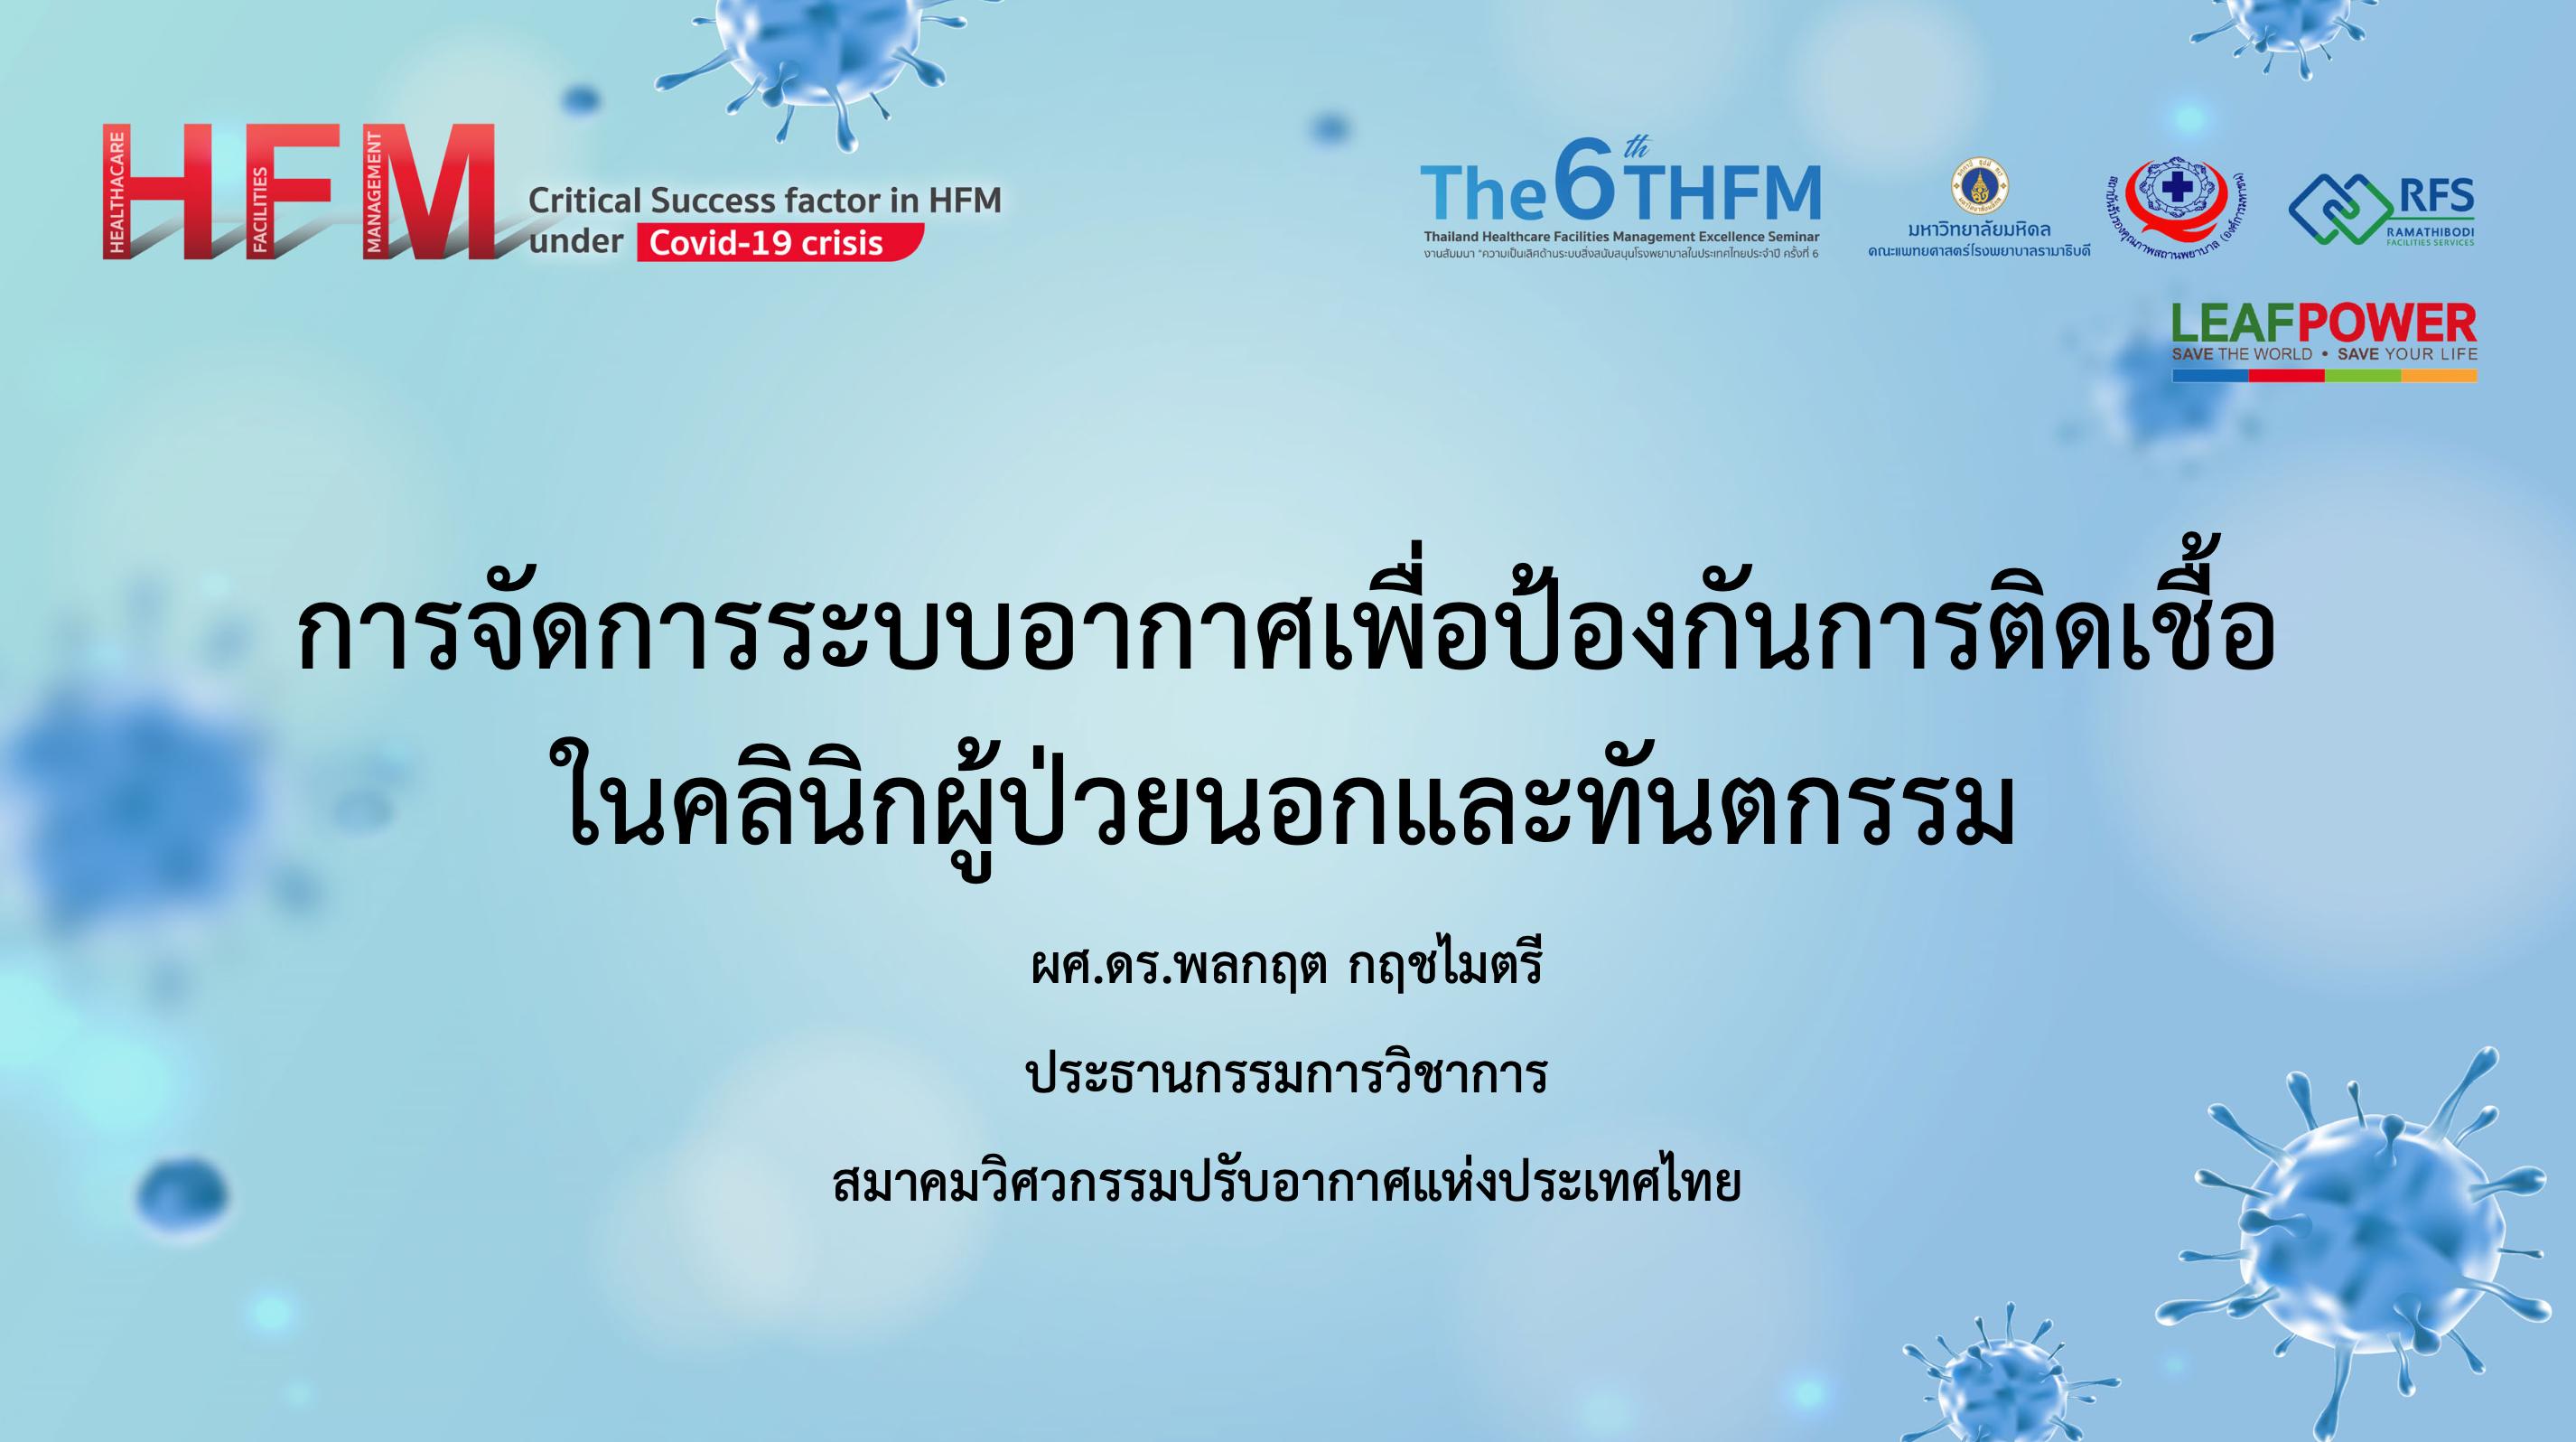 รักษาได้ ไม่ติดเชื้อ! การจัดการระบบอากาศเพื่อป้องกันการติดเชื้อในคลินิกผู้ป่วยนอก และทันตกรรม